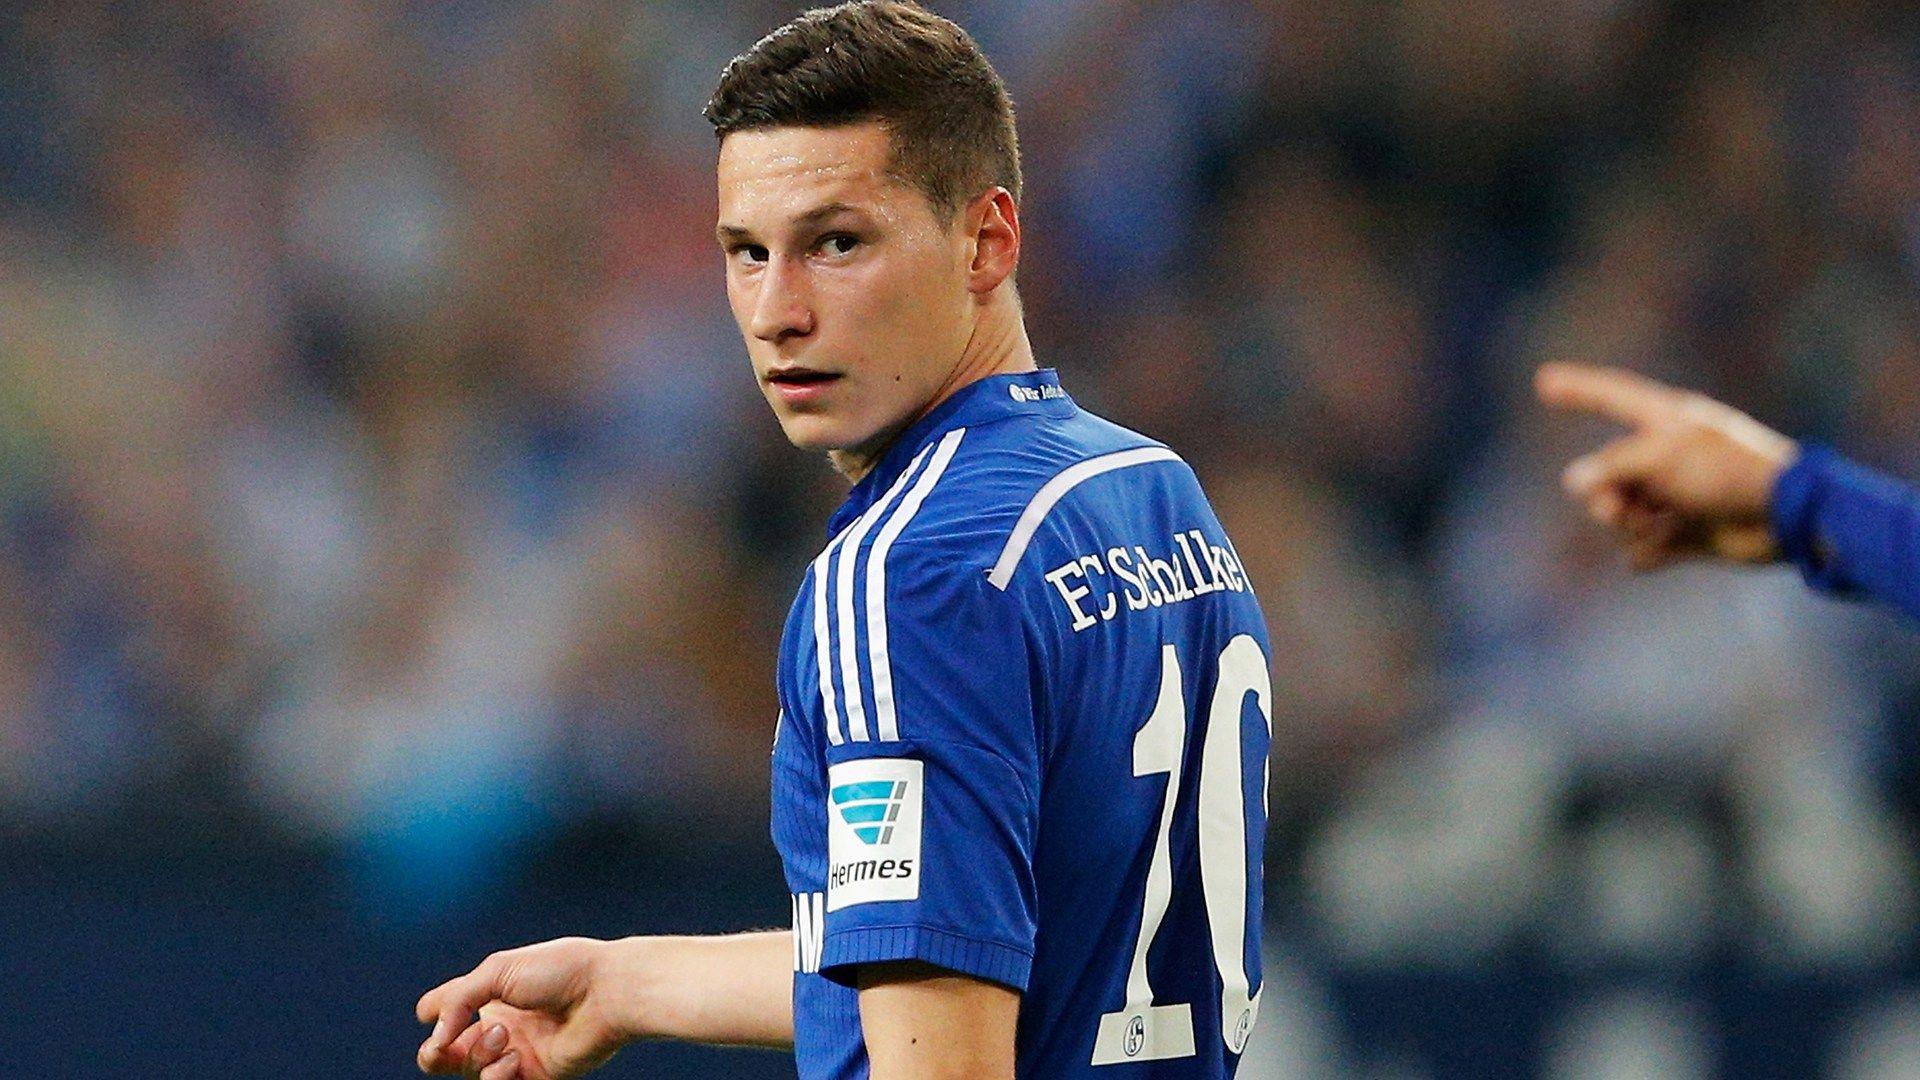 Julian Draxler é destaque na seleção alemã / Divulgação / AFP